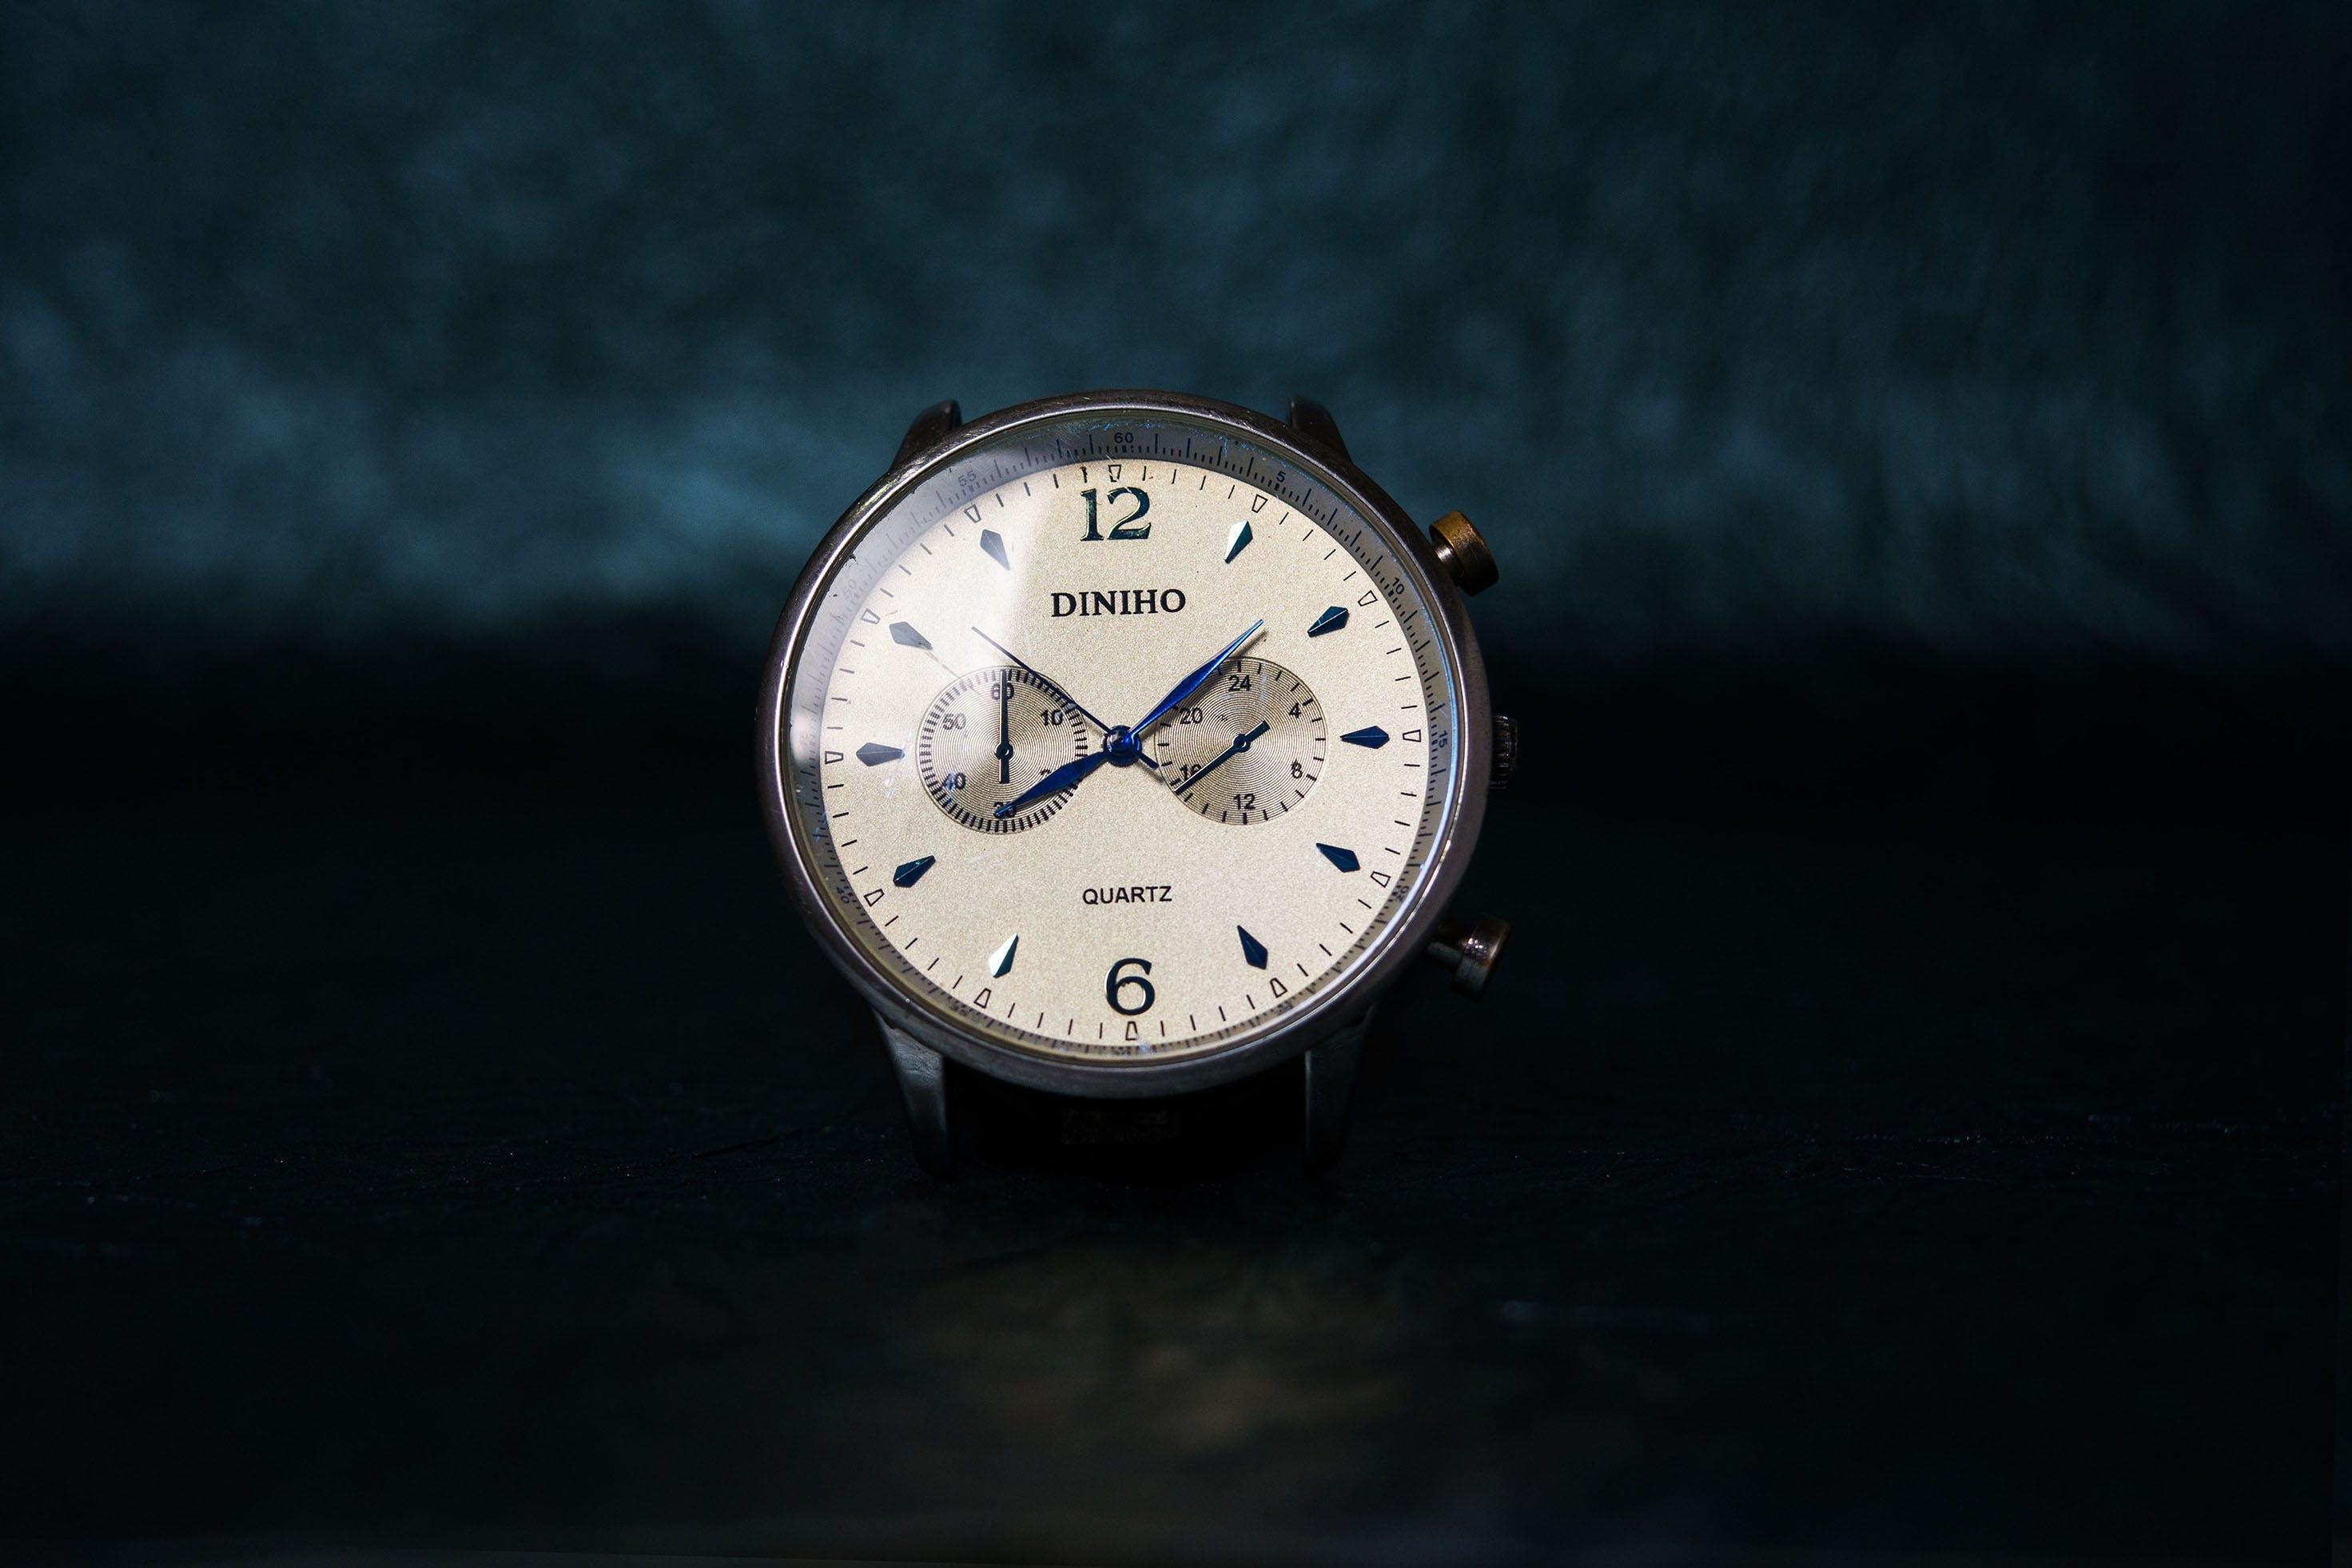 Fotos de stock gratuitas de analógico, diniho, hora, reloj